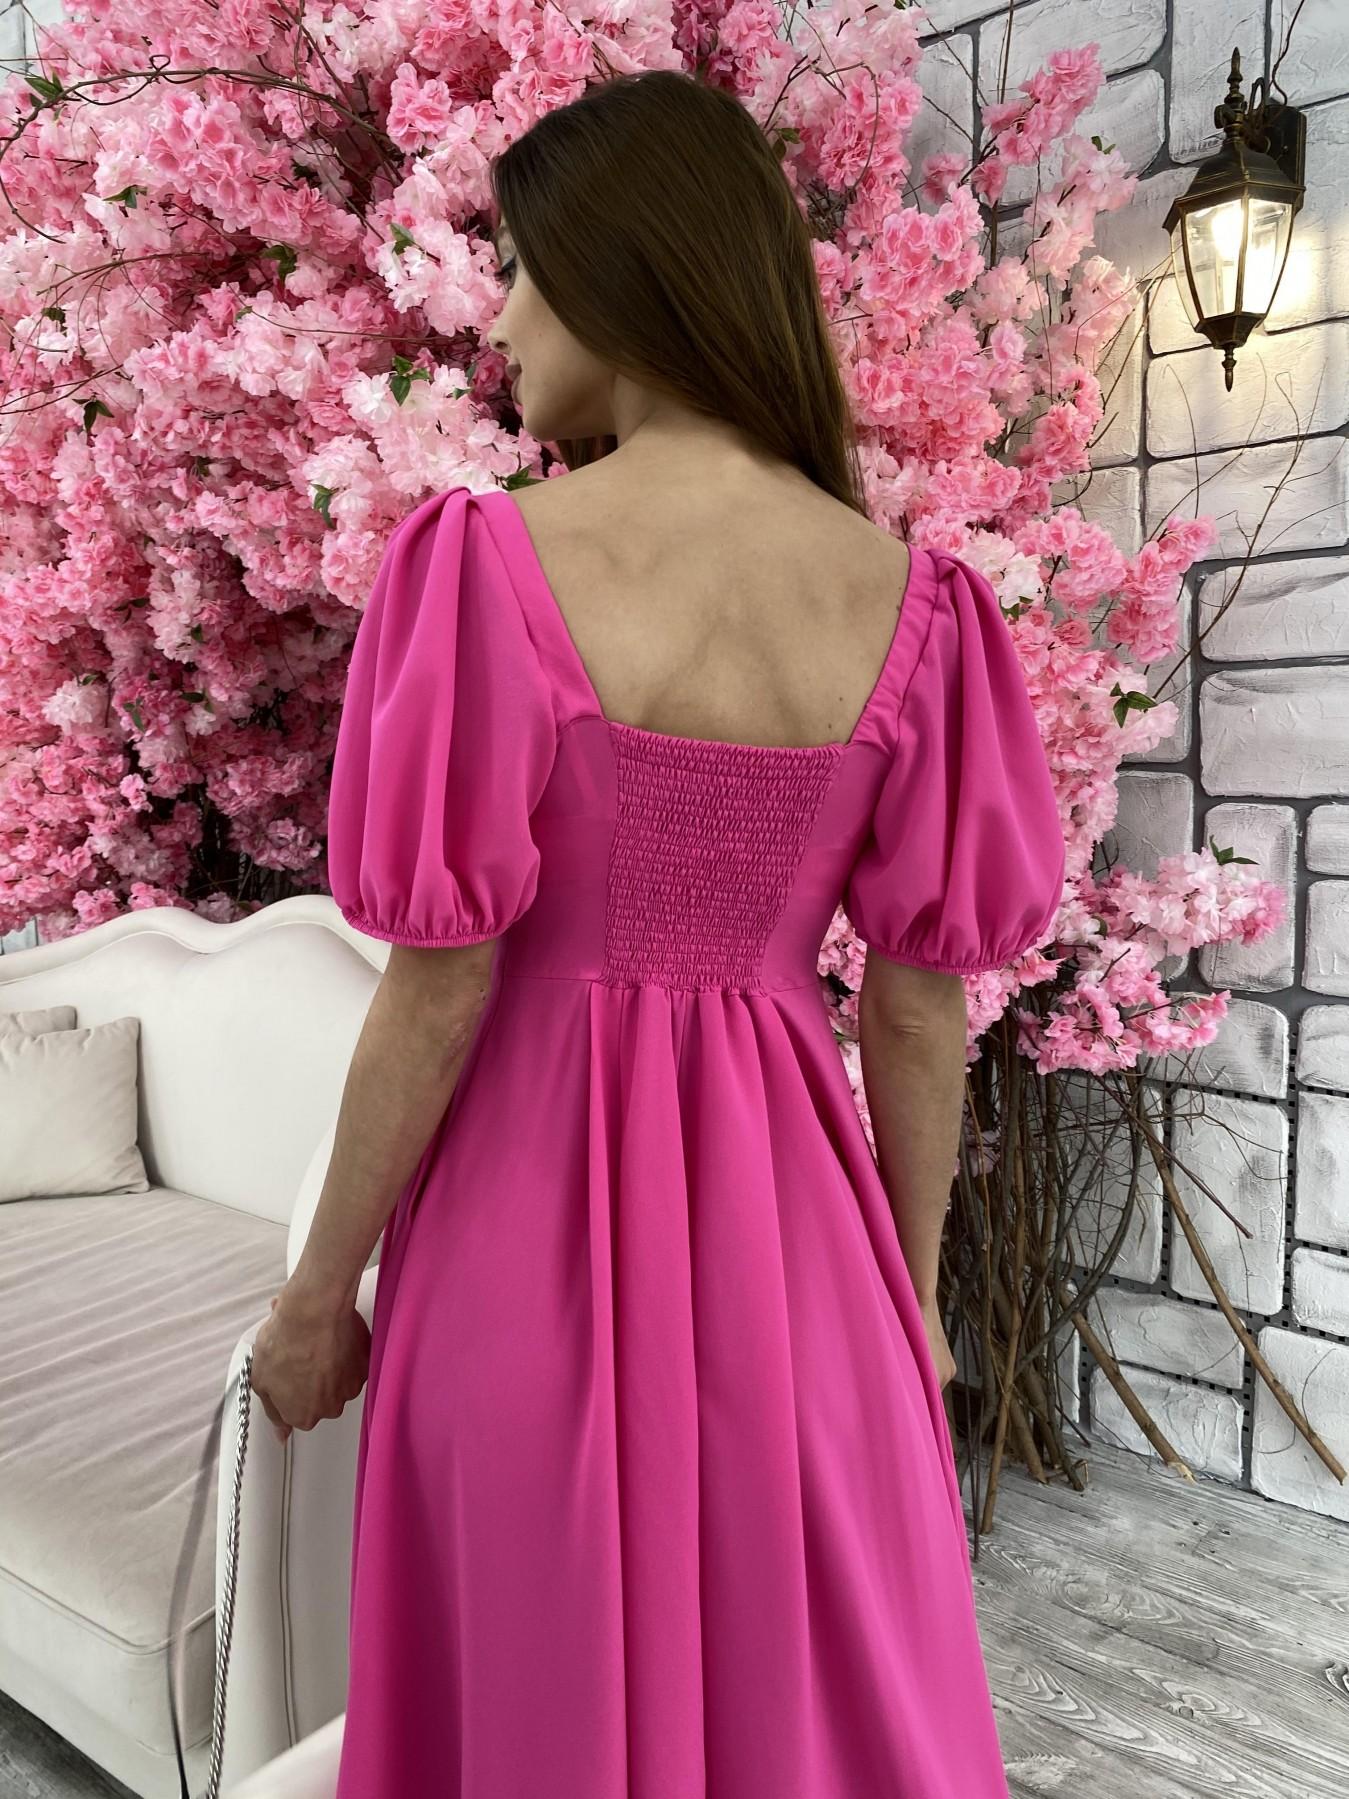 Кисес Миди платье из шифона креп 11443 АРТ. 48015 Цвет: Малиновый - фото 9, интернет магазин tm-modus.ru